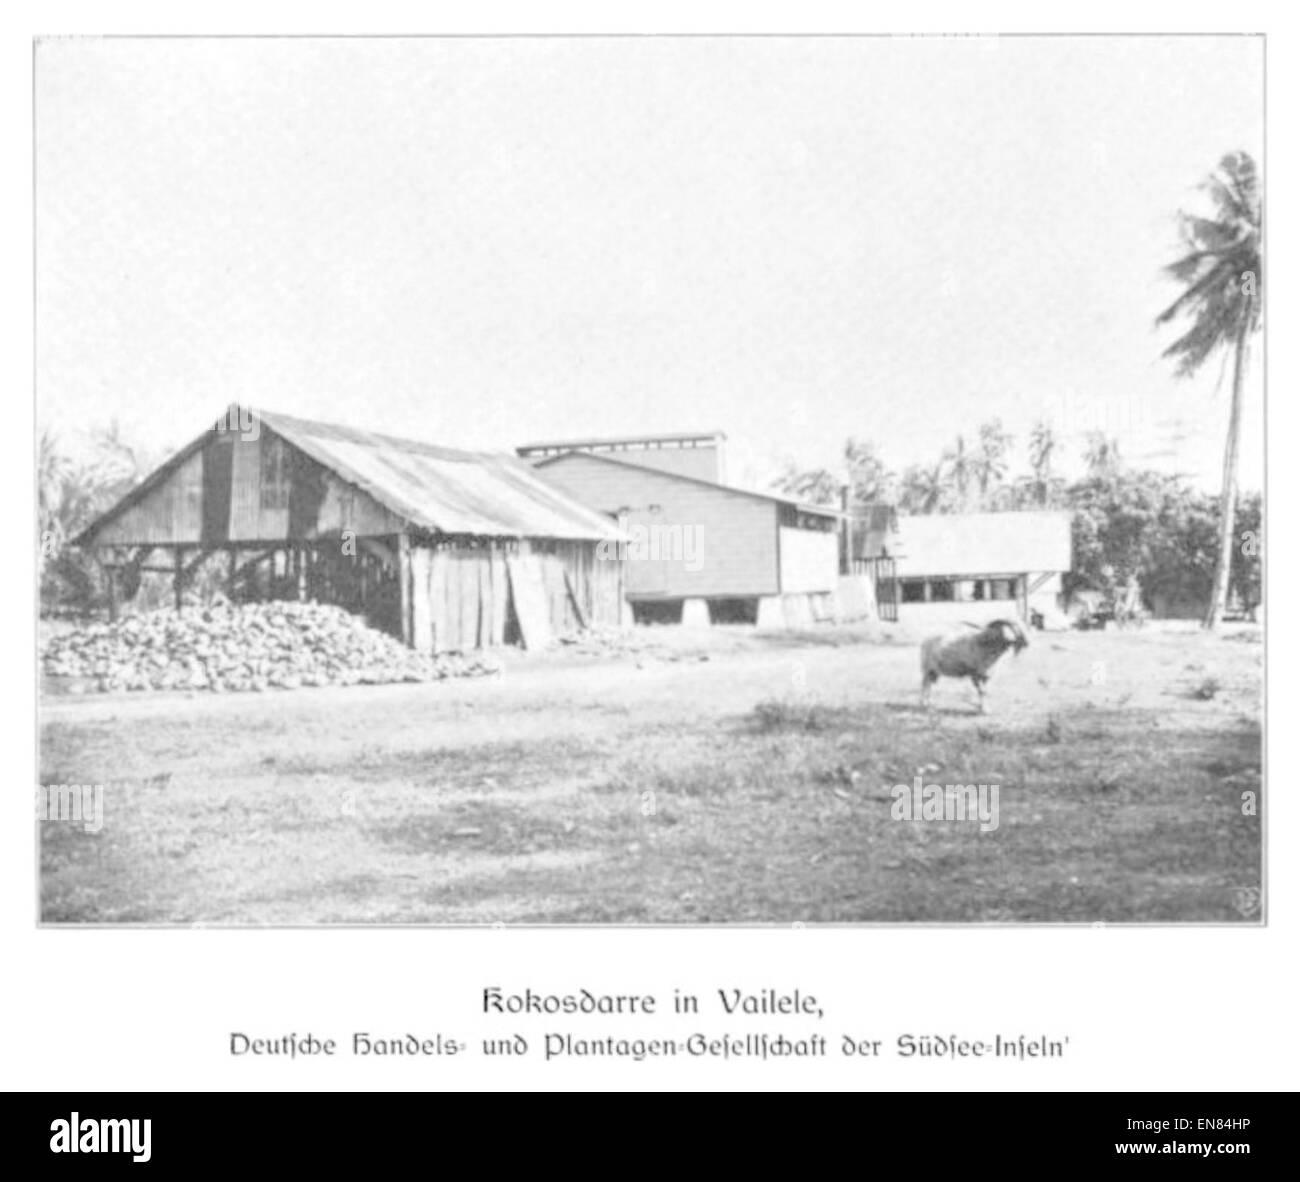 WOHLTMANN(1904) p103 Kokosdarre in Vailele, Deutsche Handels- und Plantagengesellschaft der SC3BCdsee-Inseln - Stock Image